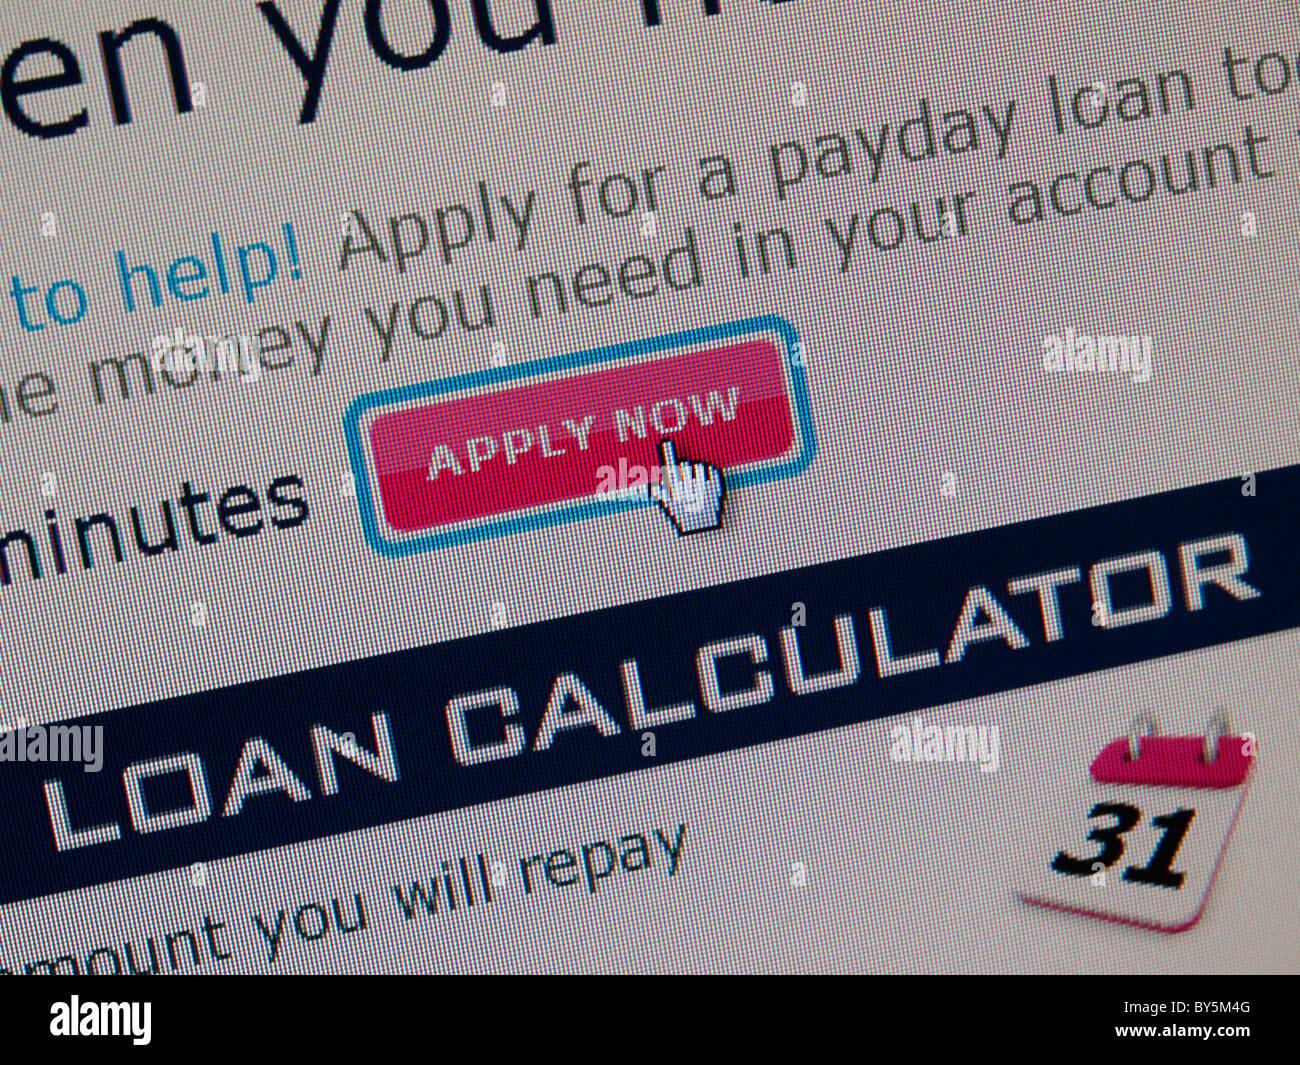 Cash advance aurora il image 5